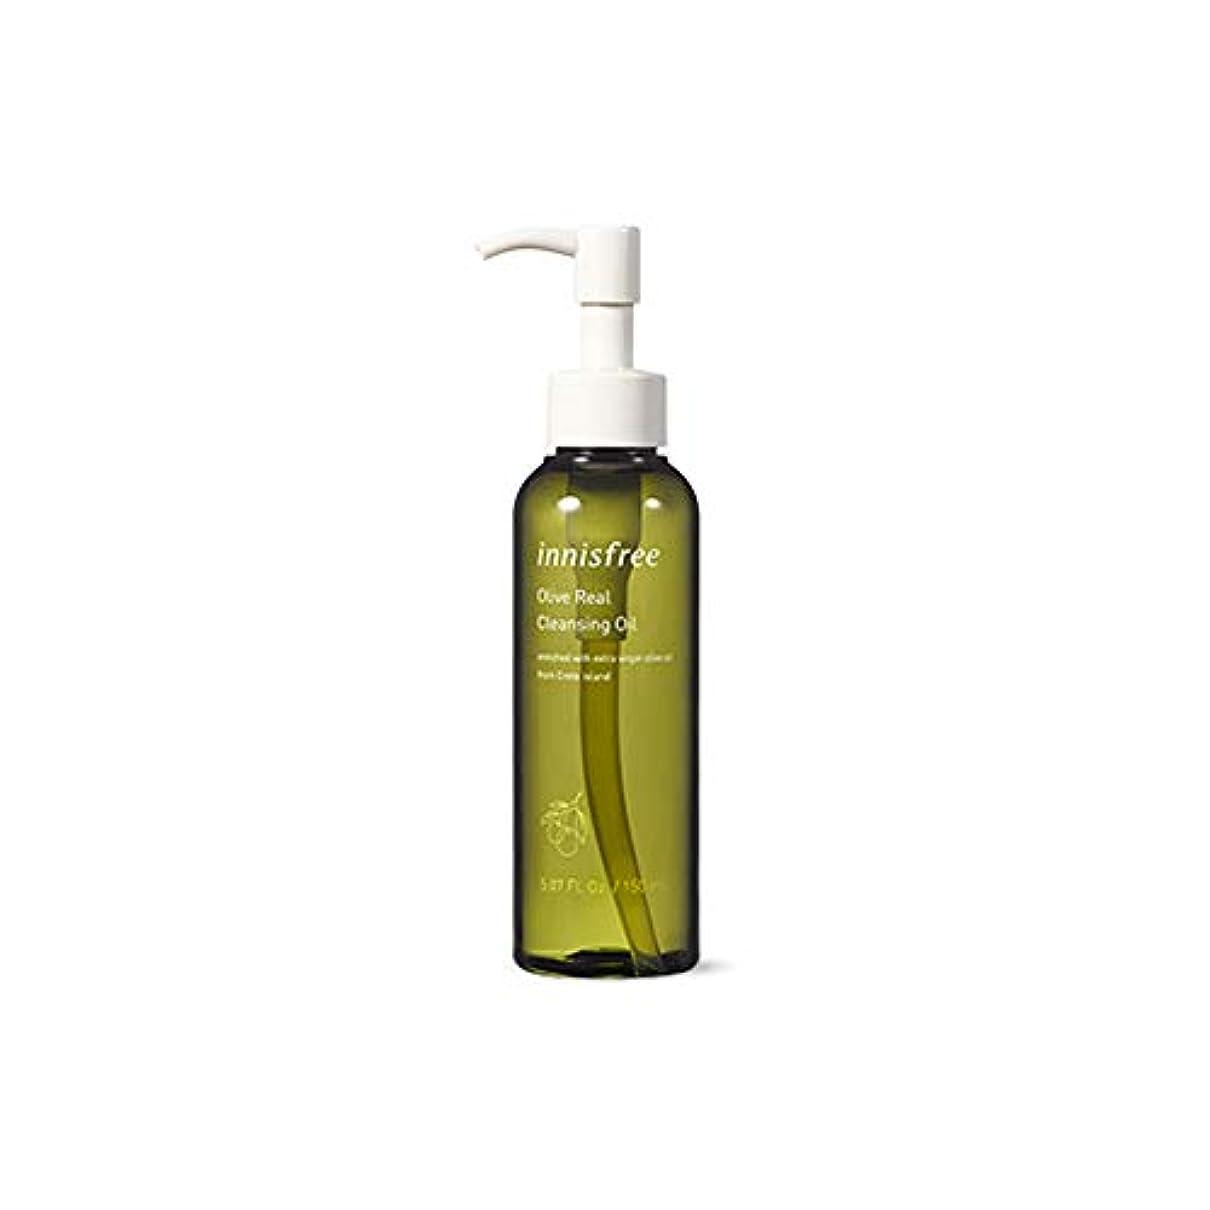 例示する縞模様のピボットイニスフリー Innisfreeオリーブ リアル クレンジング オイル(150ml) Innisfree Olive Real Cleansing Oil(150ml) [海外直送品]